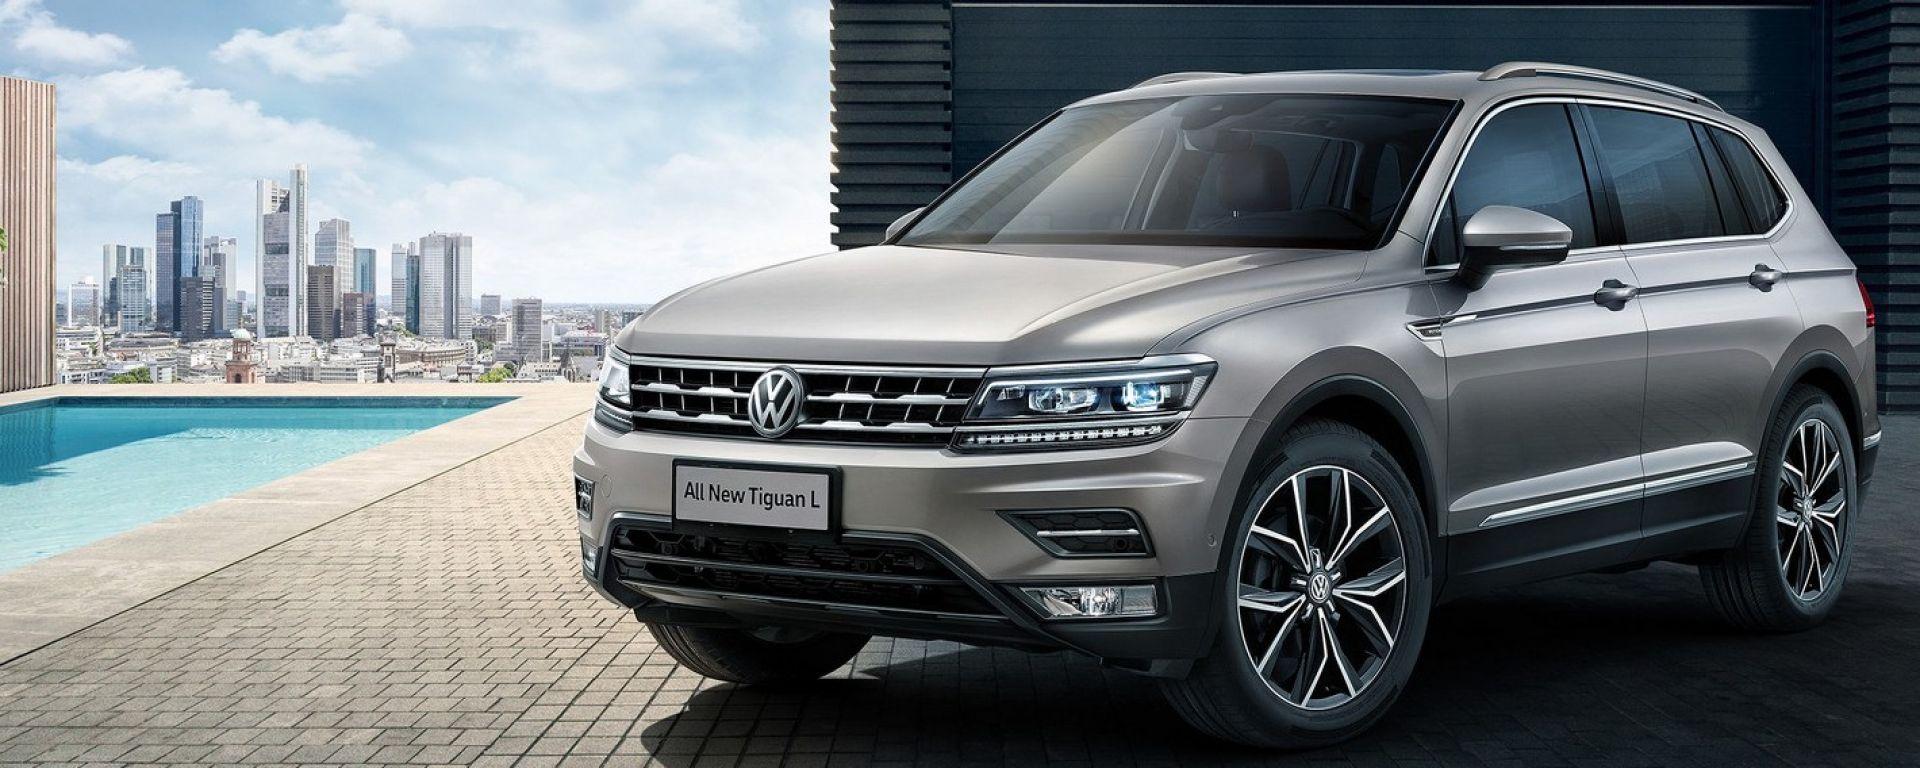 Volkswagen Tiguan Allspace: in Europa si chiama così la nuova Tiguan a passo lungo